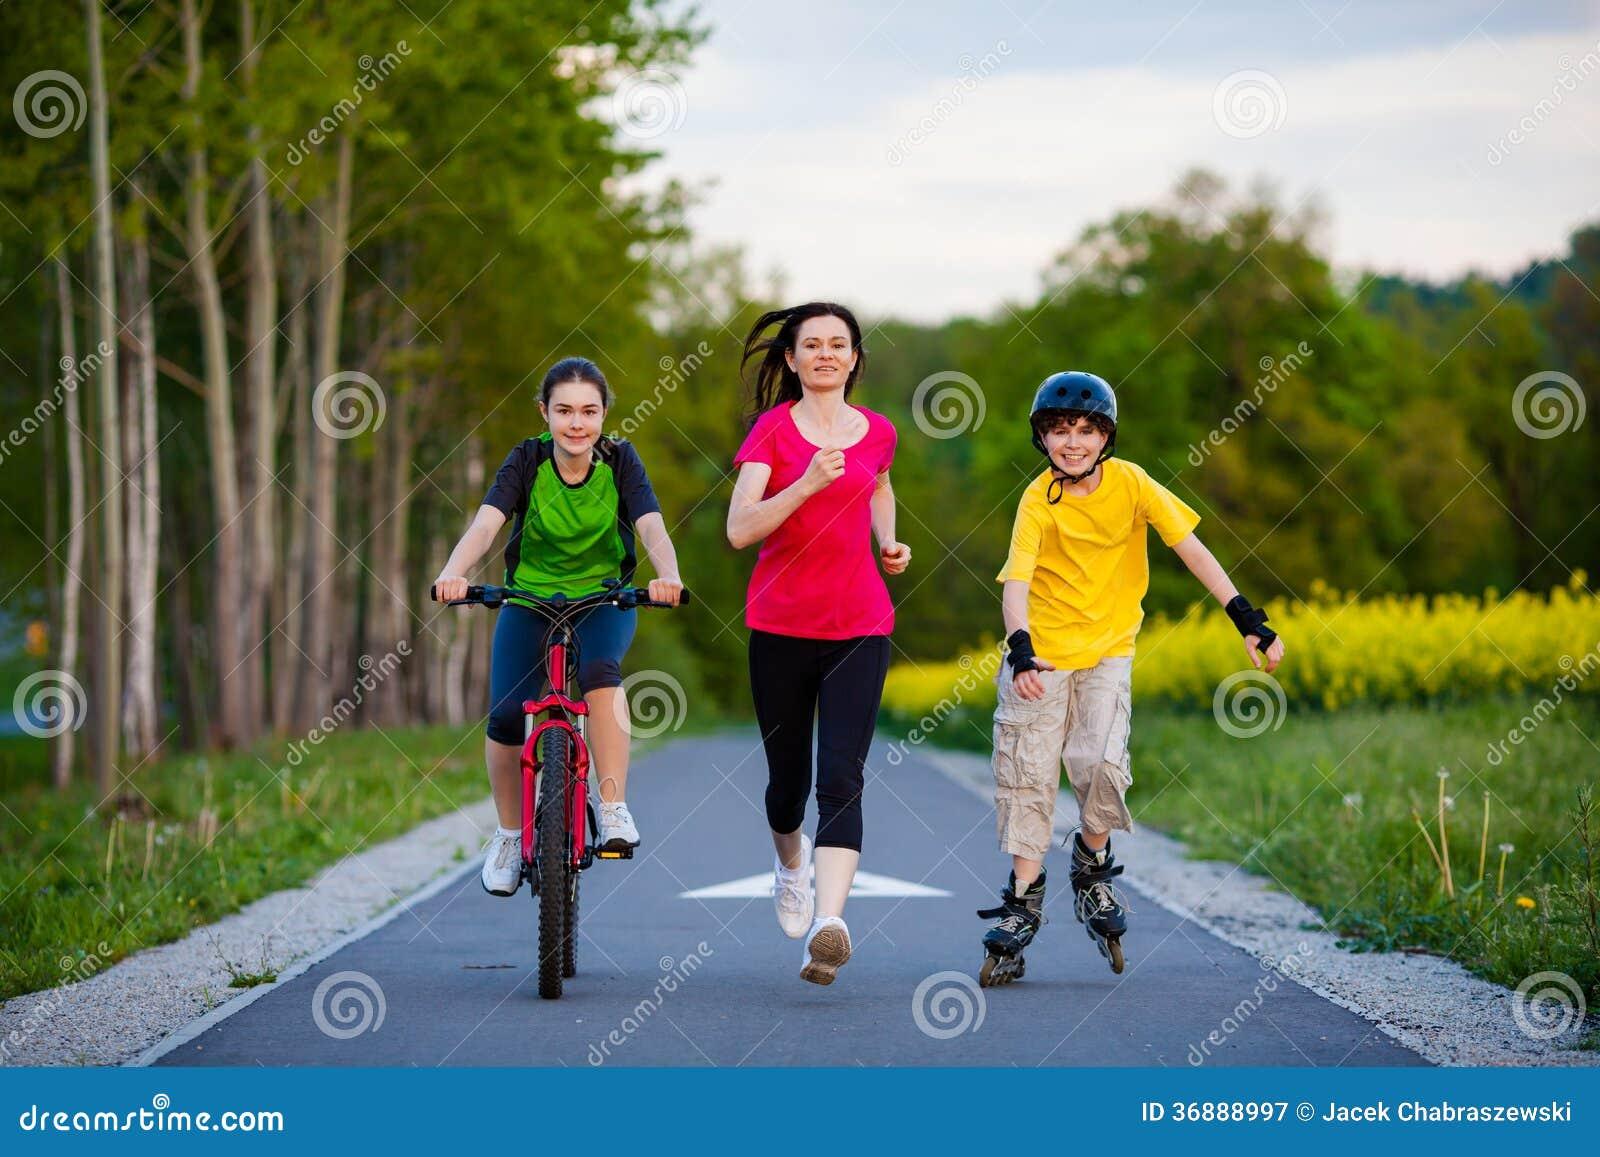 Download Famiglia Attiva - Madre E Bambini Che Mantenono, Ciclismo, Rollerblading Immagine Stock - Immagine di godimento, bici: 36888997